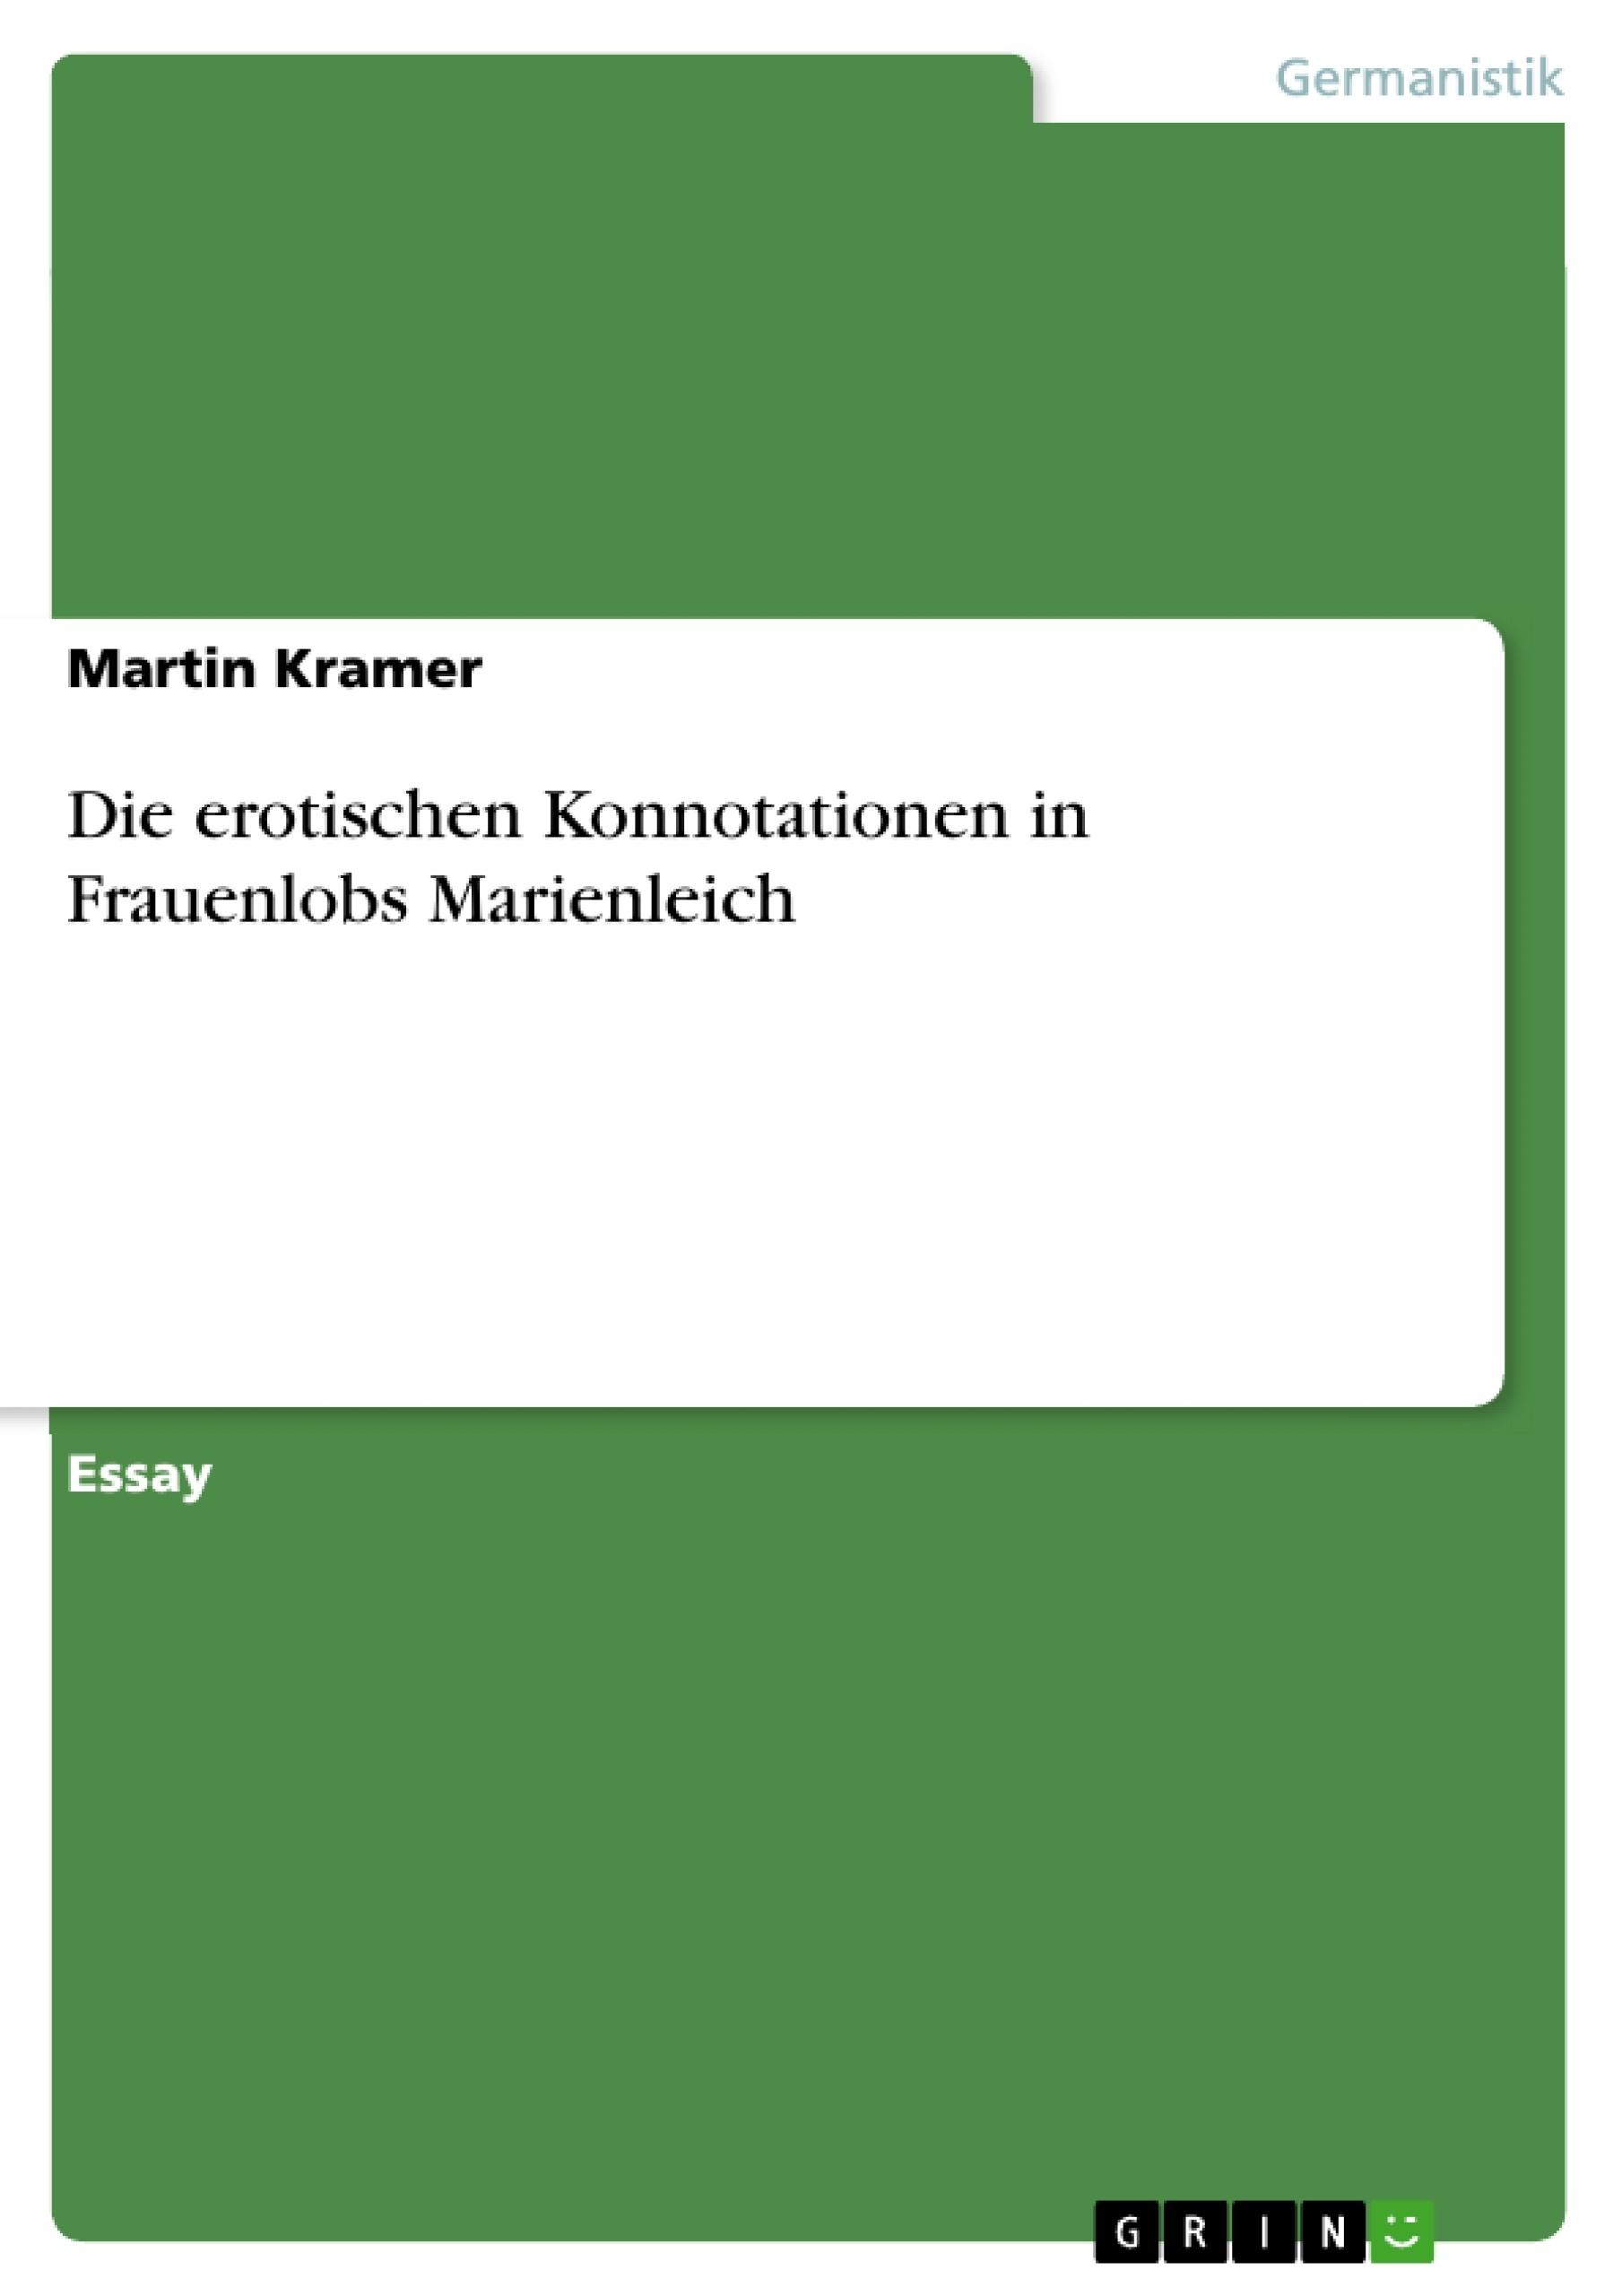 Titel: Die erotischen Konnotationen in Frauenlobs Marienleich